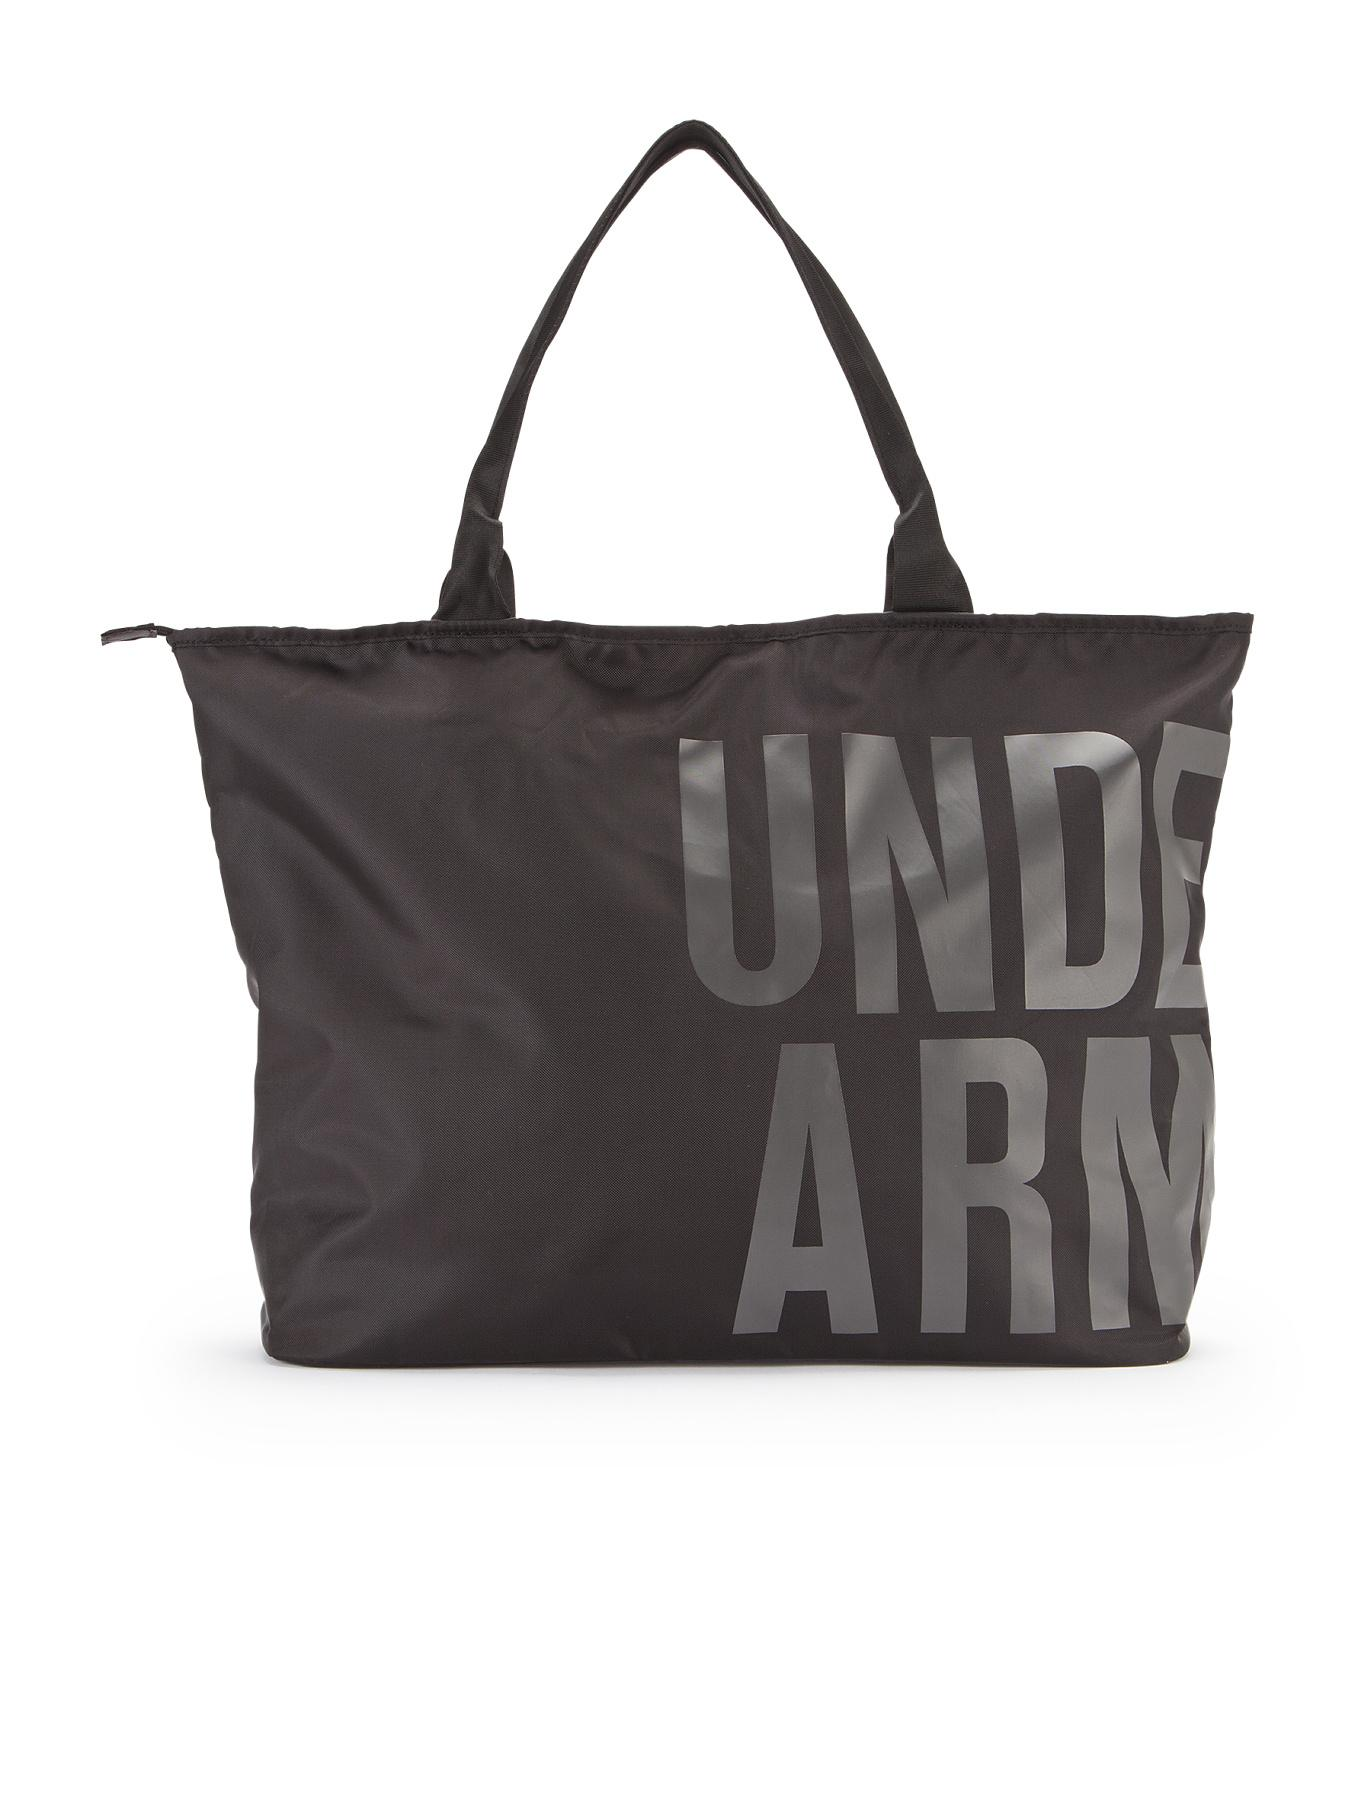 Under Armour Big Word Tote Handbag